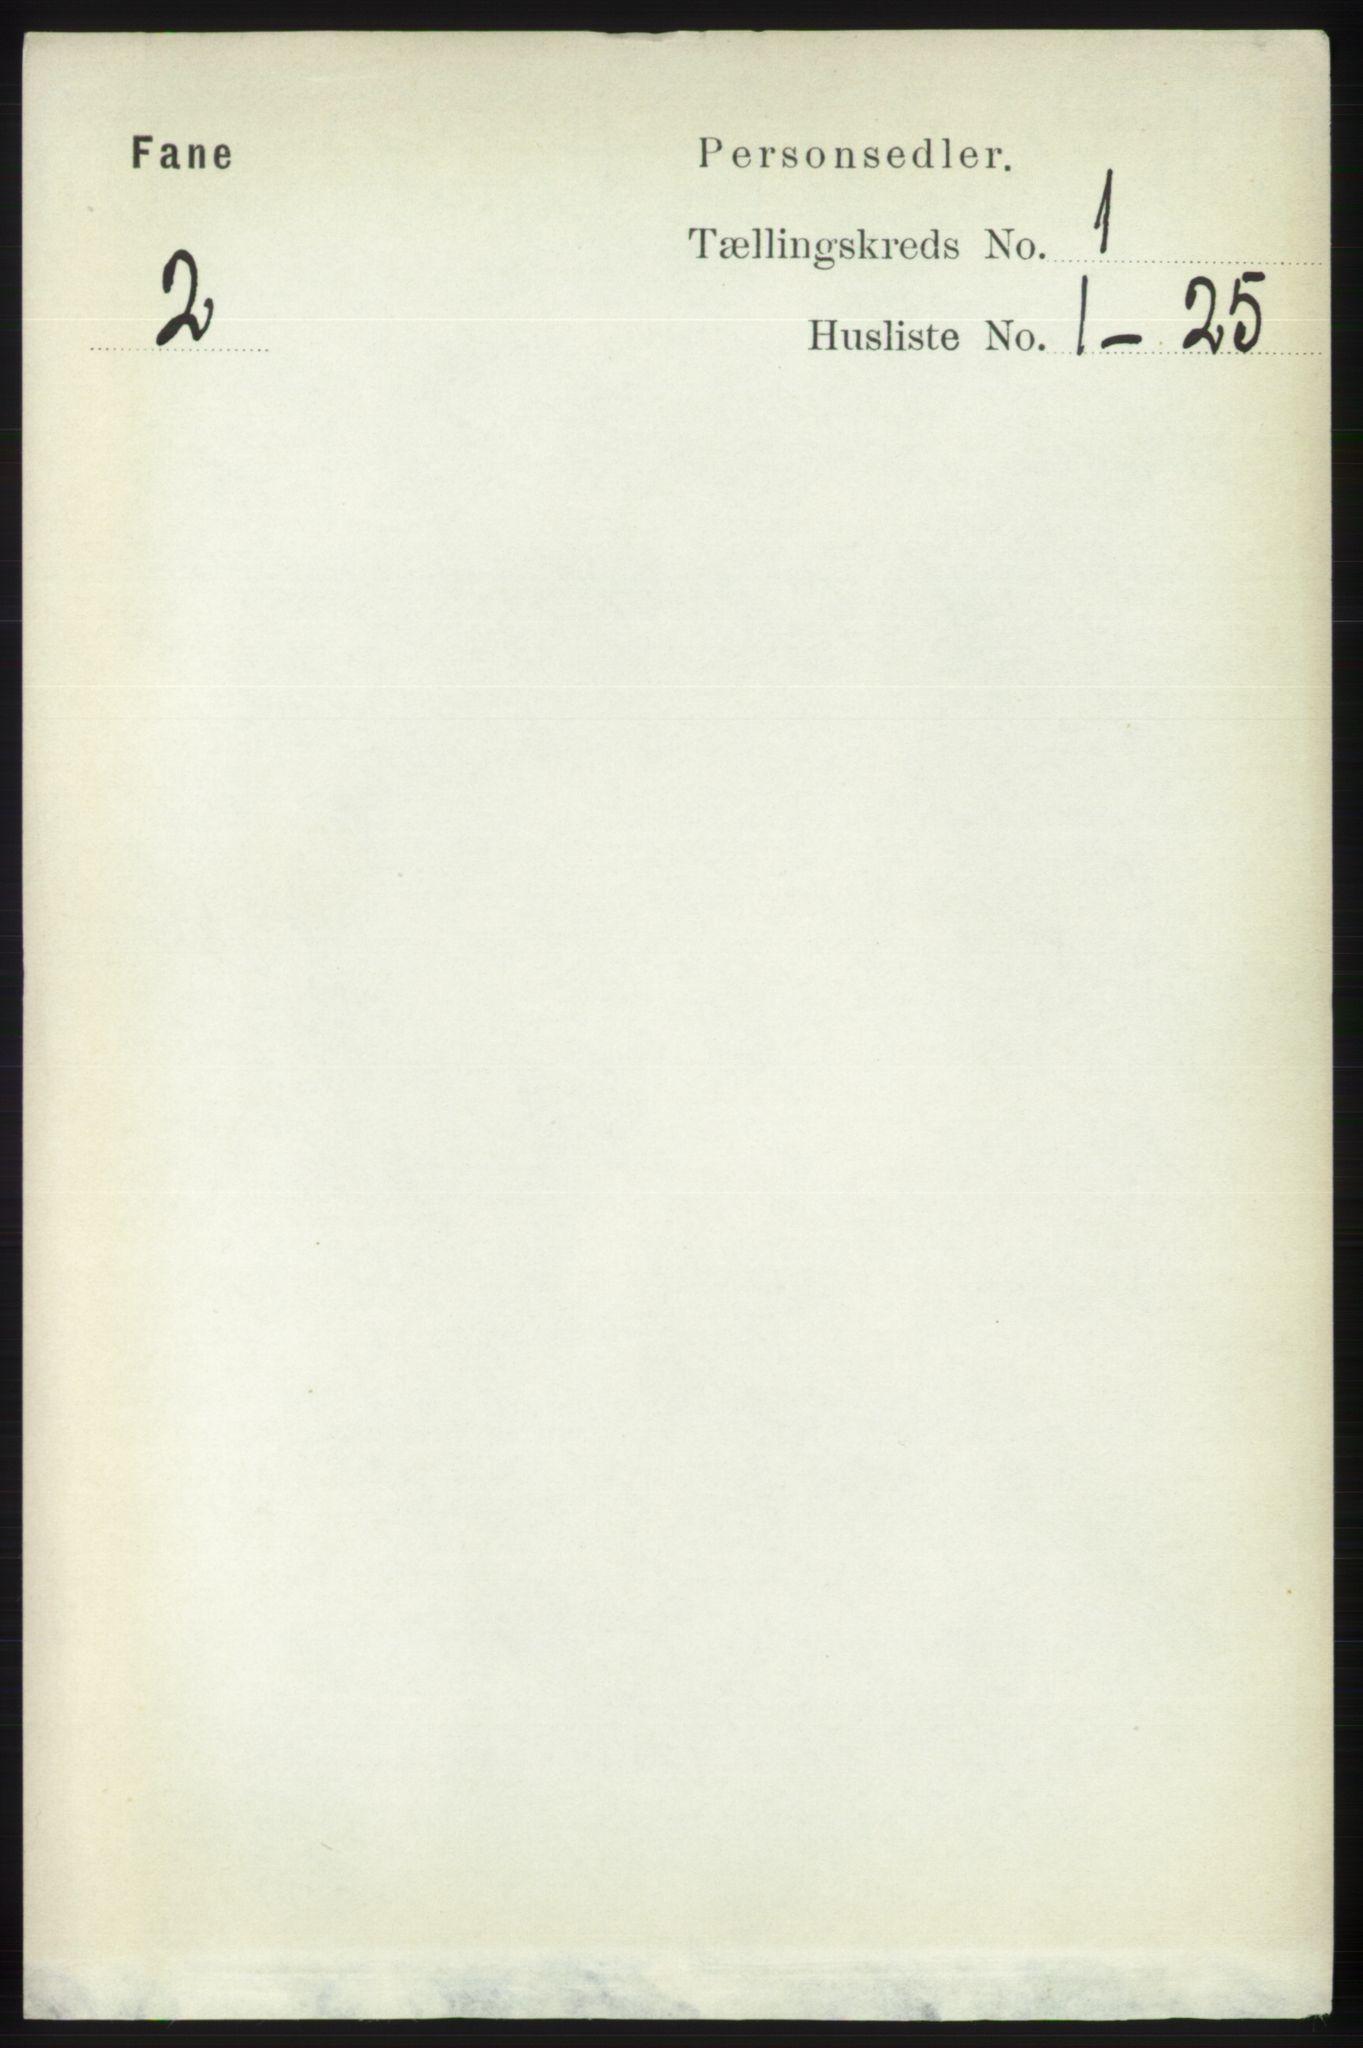 RA, Folketelling 1891 for 1249 Fana herred, 1891, s. 86